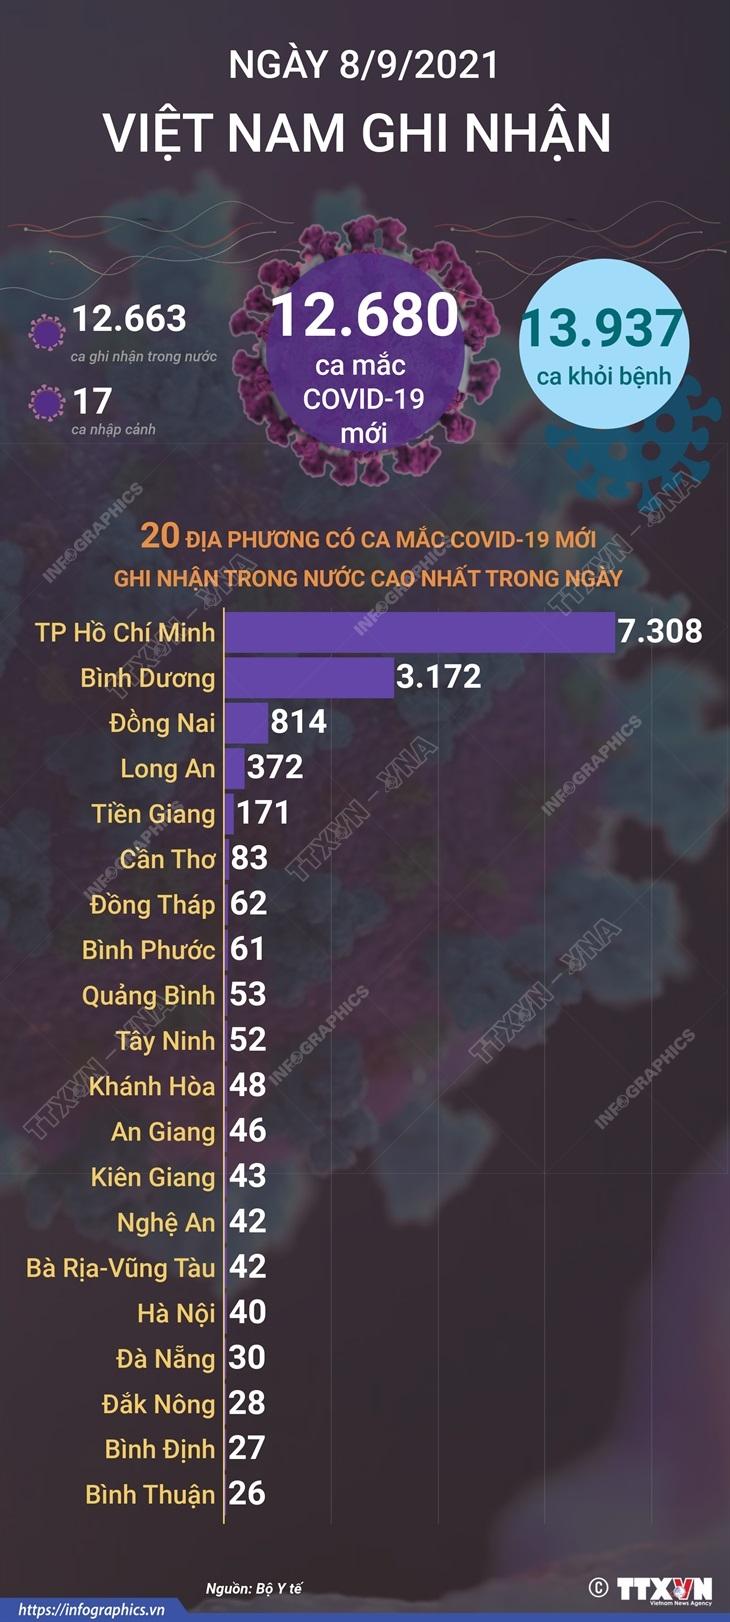 [Infographics] Viet Nam ghi nhan 563.676 ca mac COVID-19 hinh anh 1